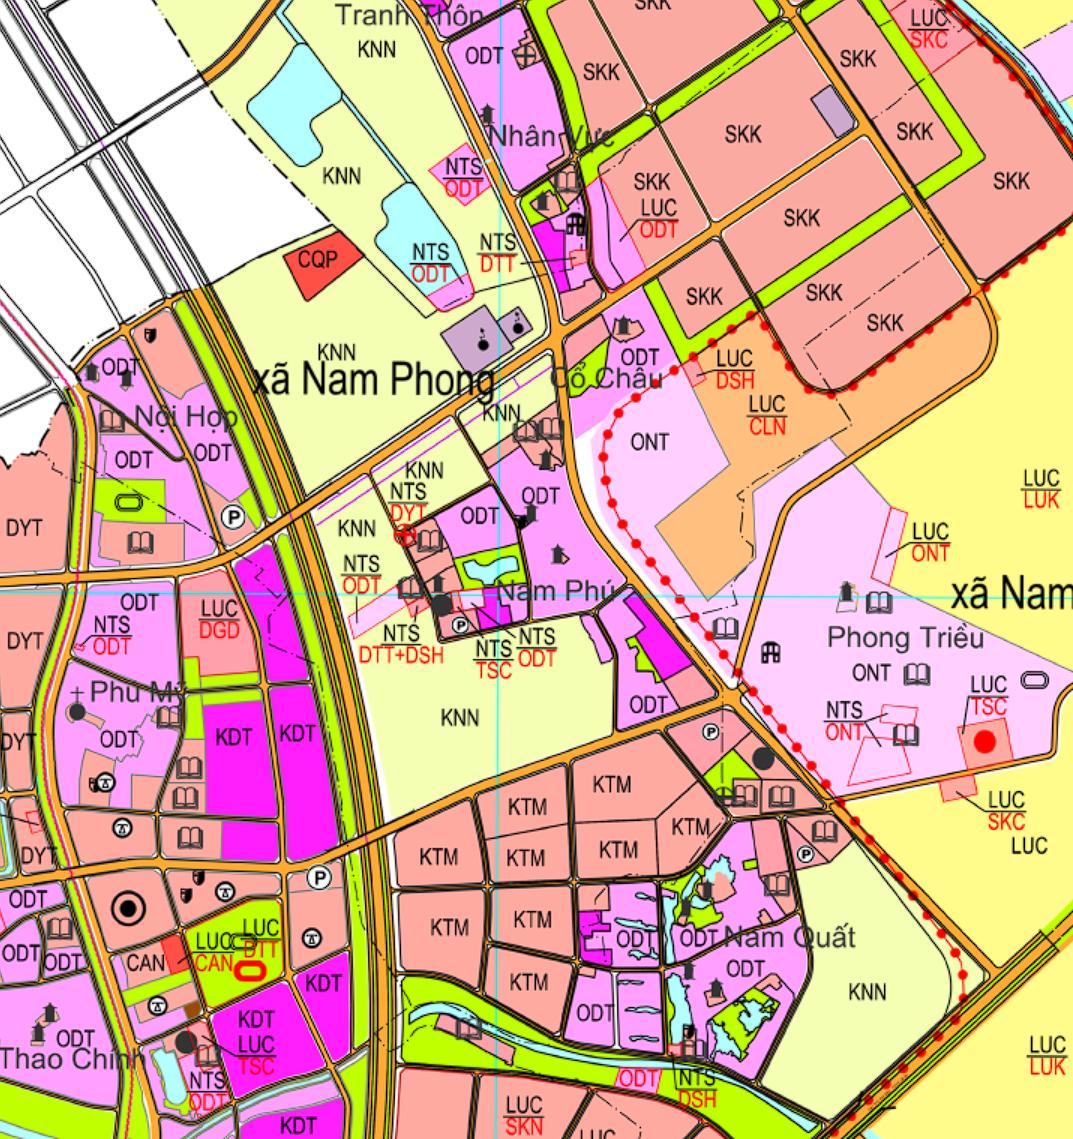 Bản đồ quy hoạch giao thông xã Nam Phong, Phú Xuyên, Hà Nội - Ảnh 2.